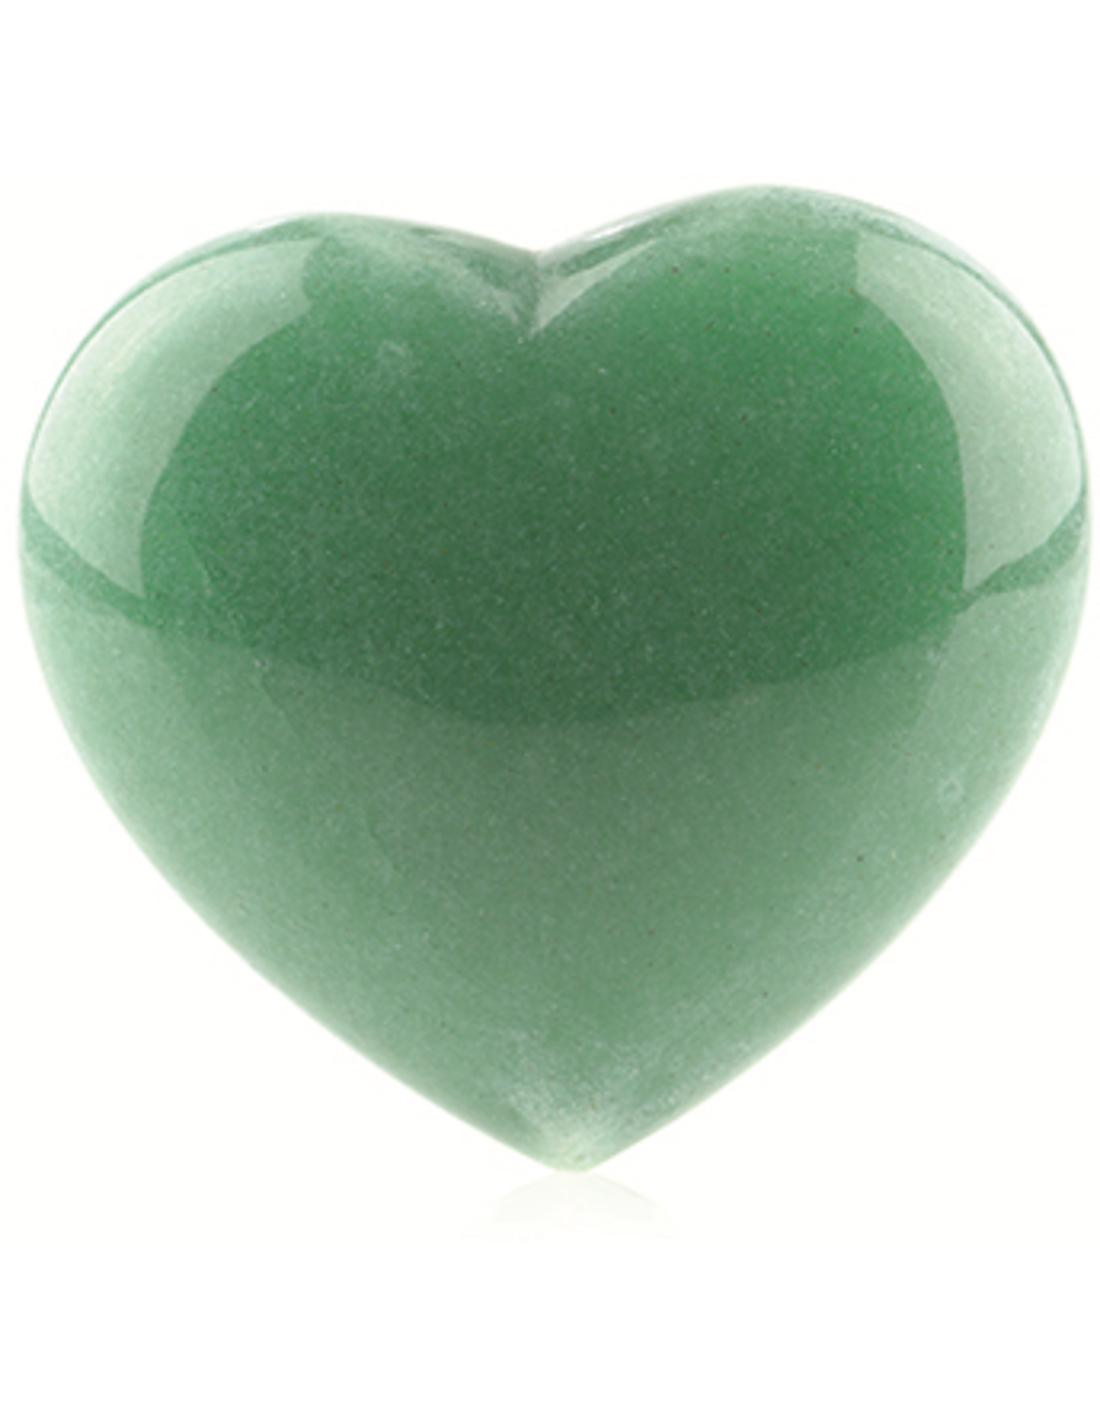 Aventurijn groen edelsteen hart 25 mm